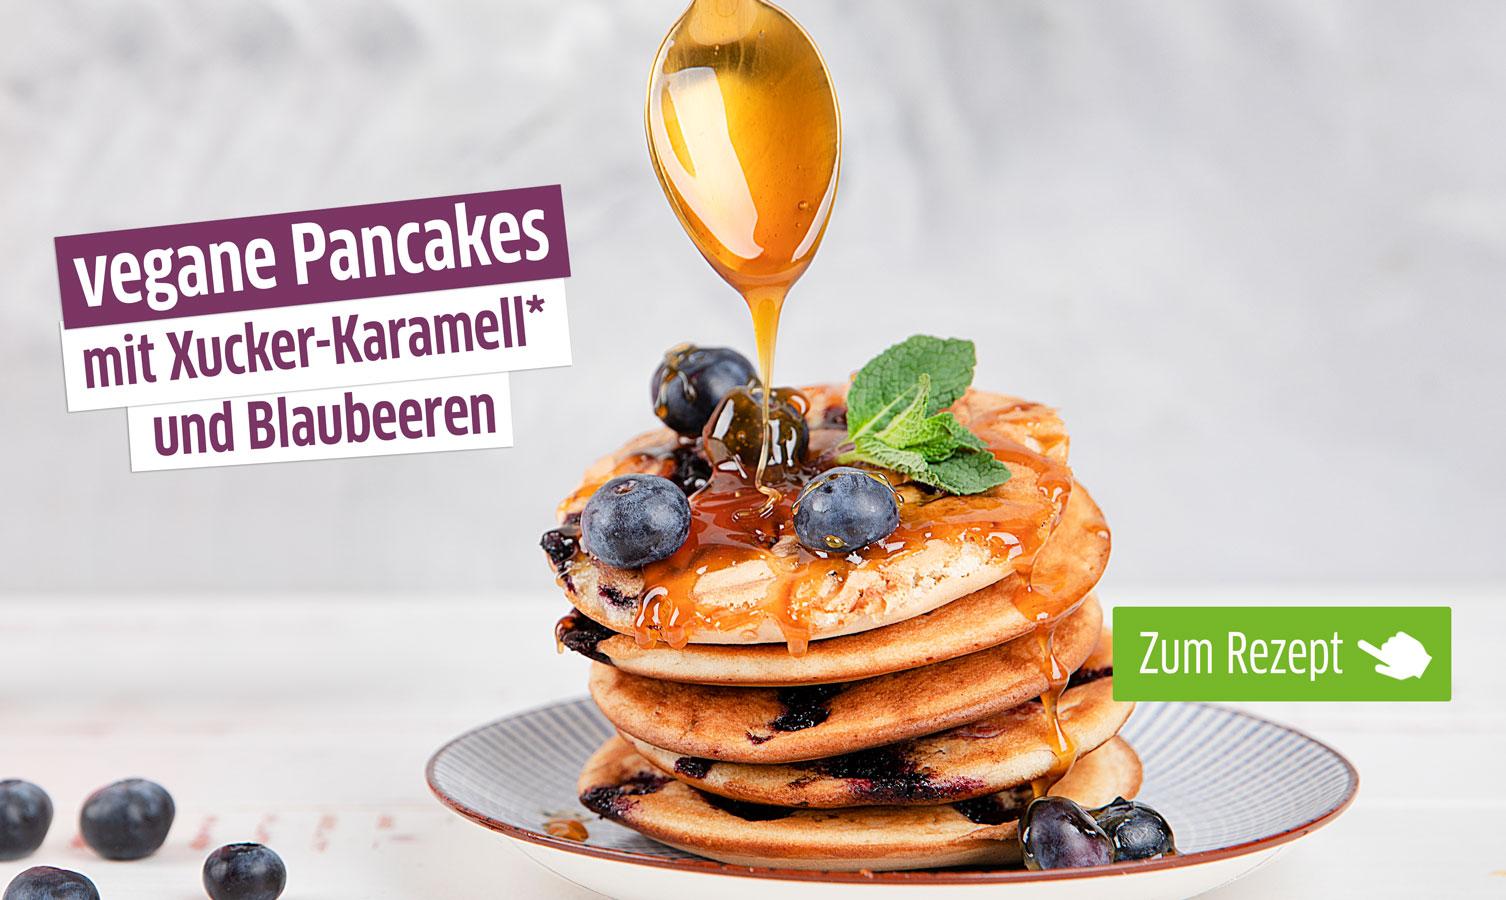 Vegane-Pancakes-CTA